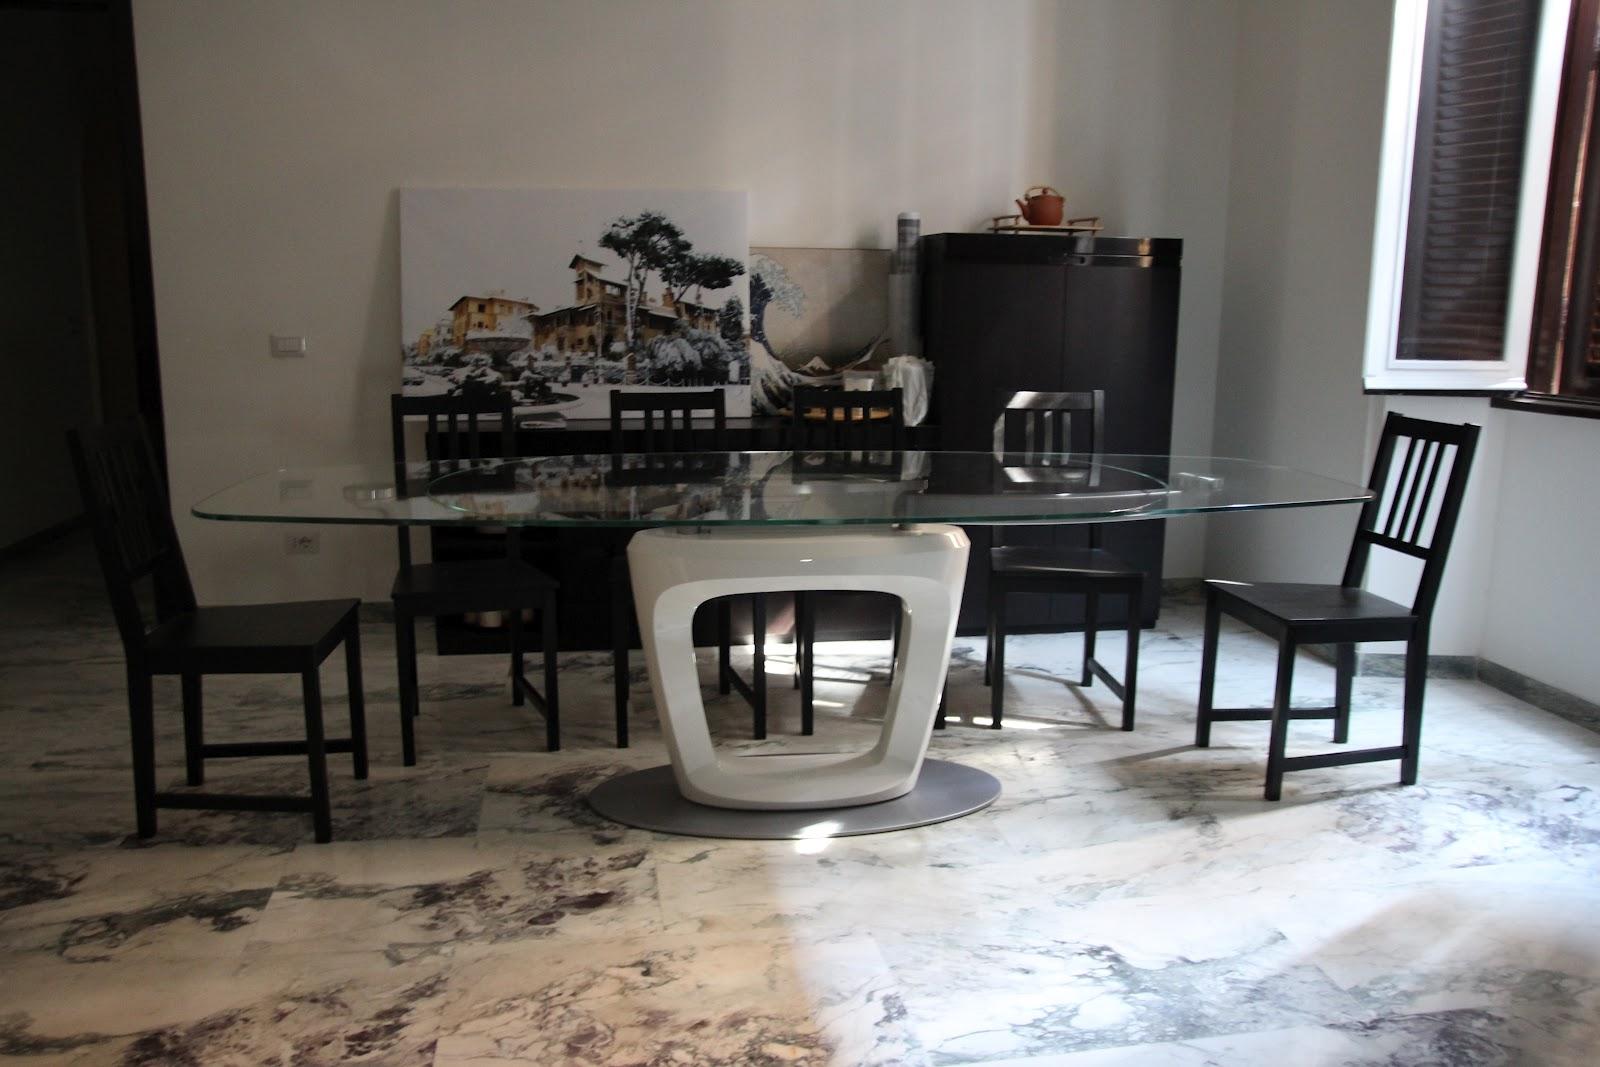 Tavolo cristallo allungabile calligaris cb gate tavolo allungabile in metallo con piano in - Tavoli in cristallo calligaris ...